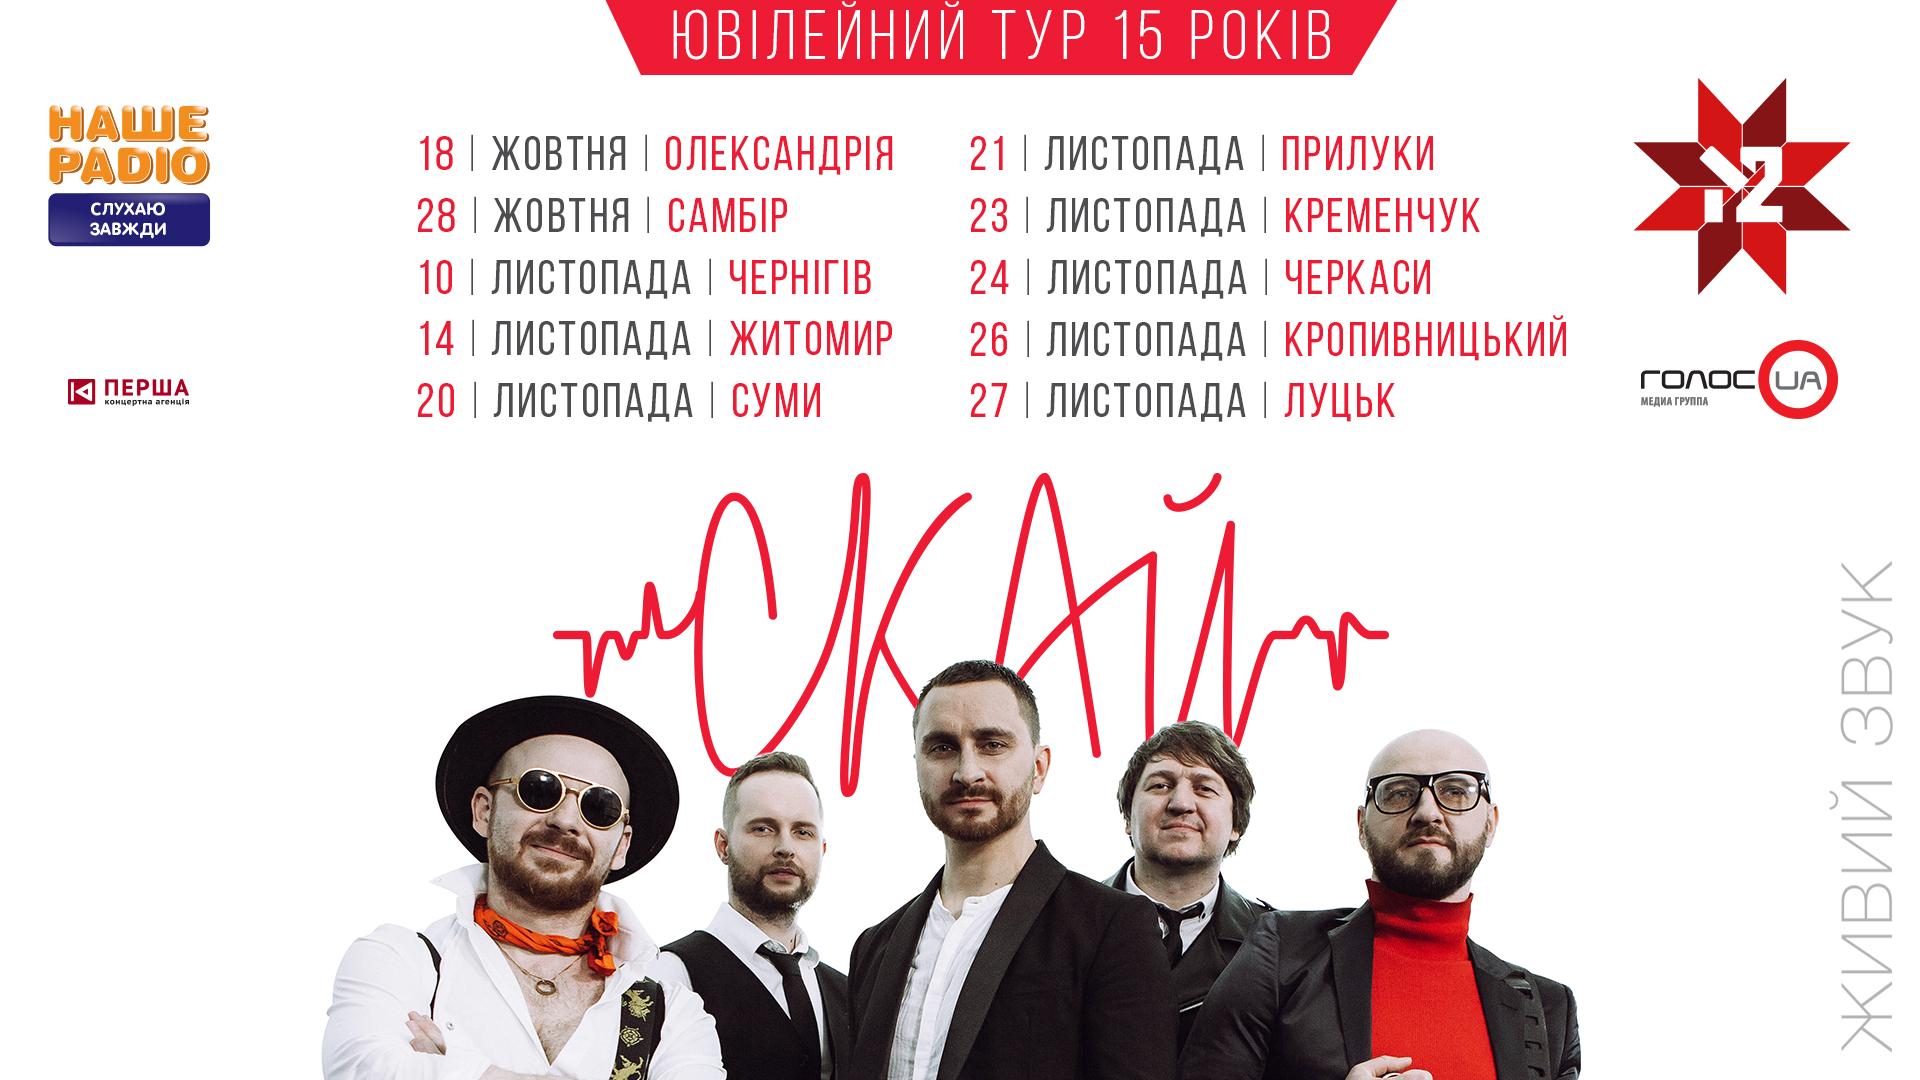 Всеукраїнський тур гурту СКАЙ відкриває друге дихання